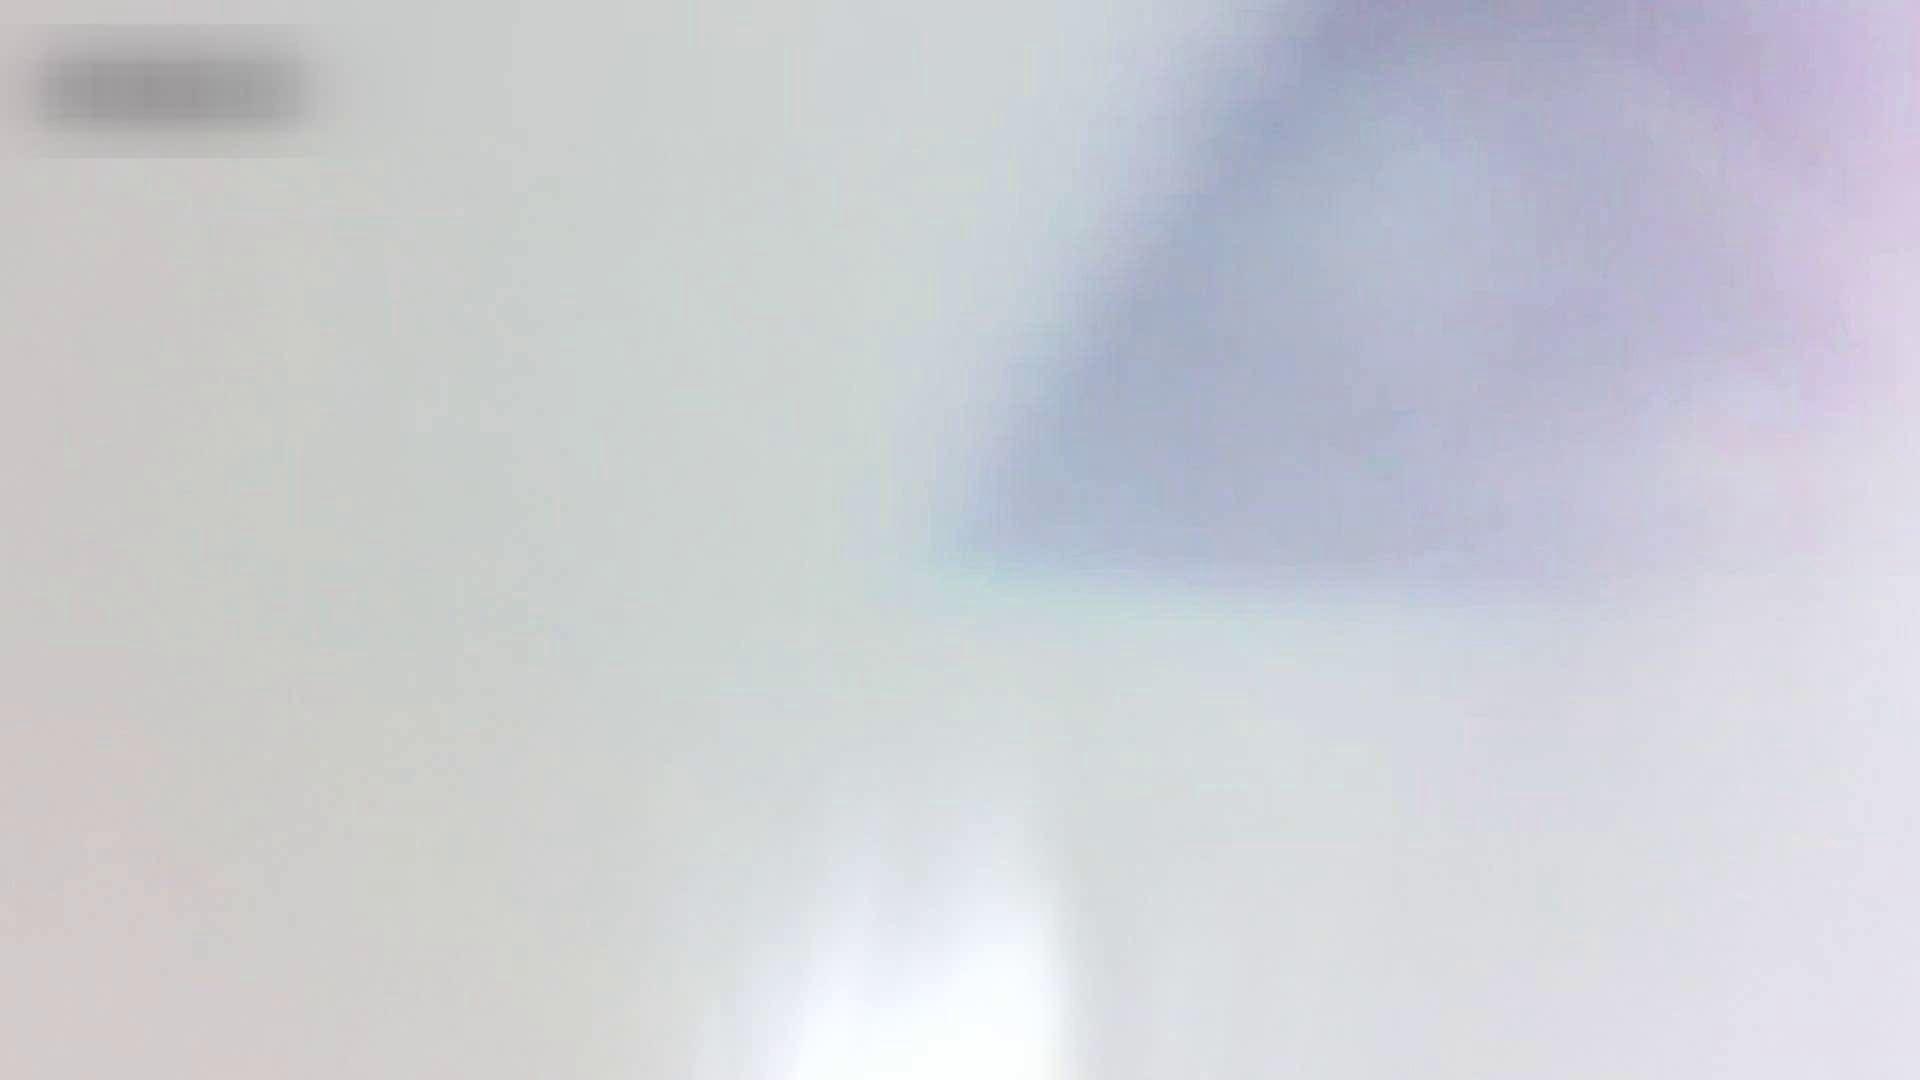 お姉さんの恥便所盗撮! Vol.10 エロティックなOL  101画像 36